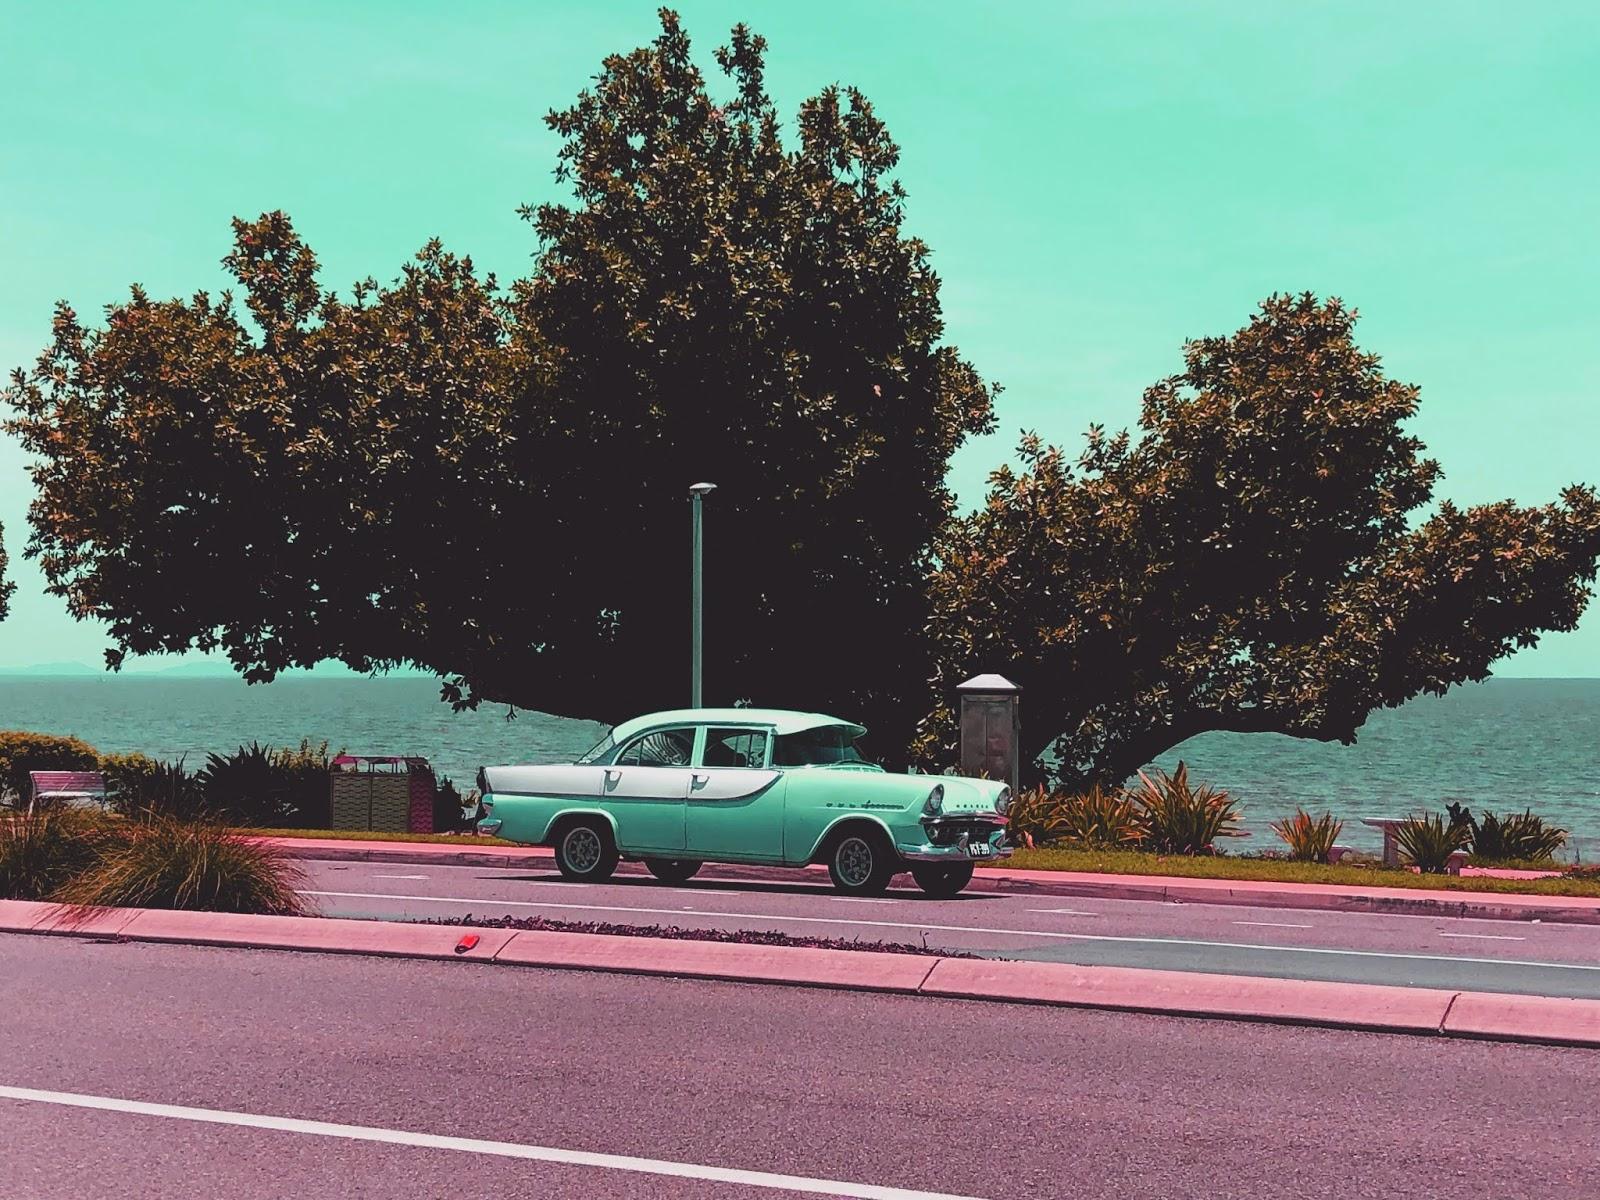 Kolekcjonerski stary samochód na ulicy w australijskim mieście Cardwell. W tle Morze Koralowe.